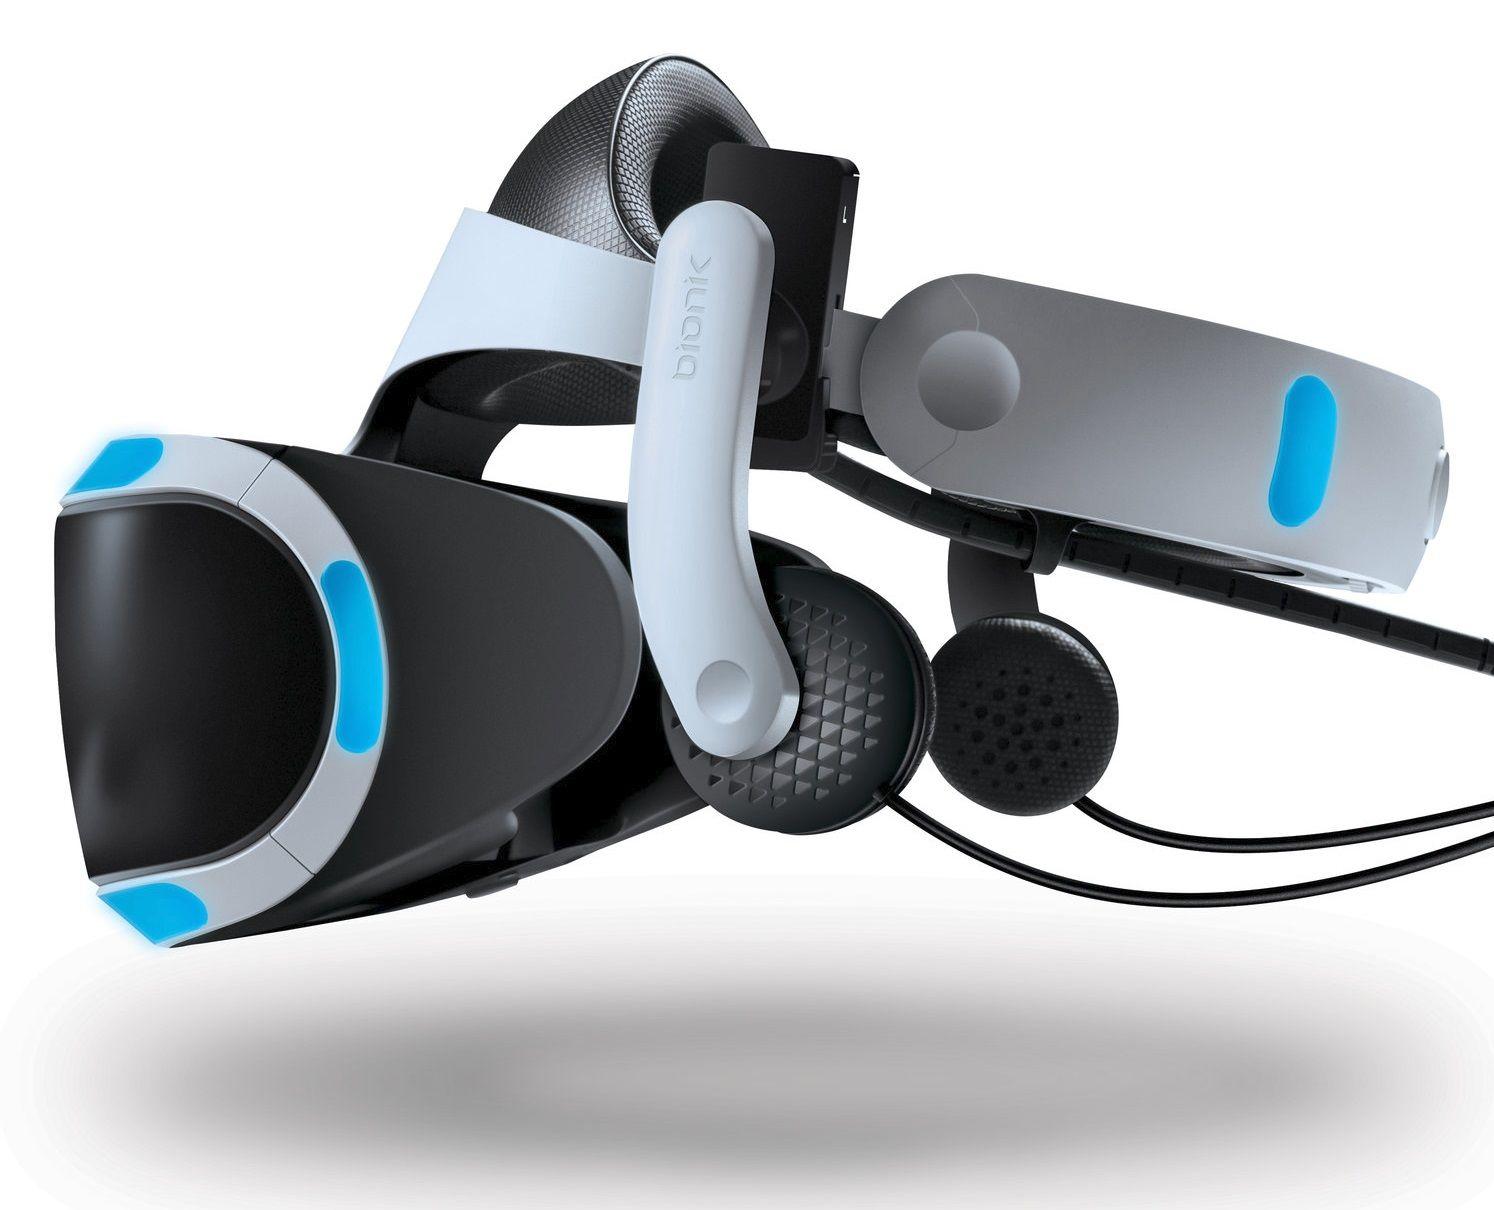 Sony Vr Brille 2 : Die zukunft von virtual reality auf der ps playstation vr